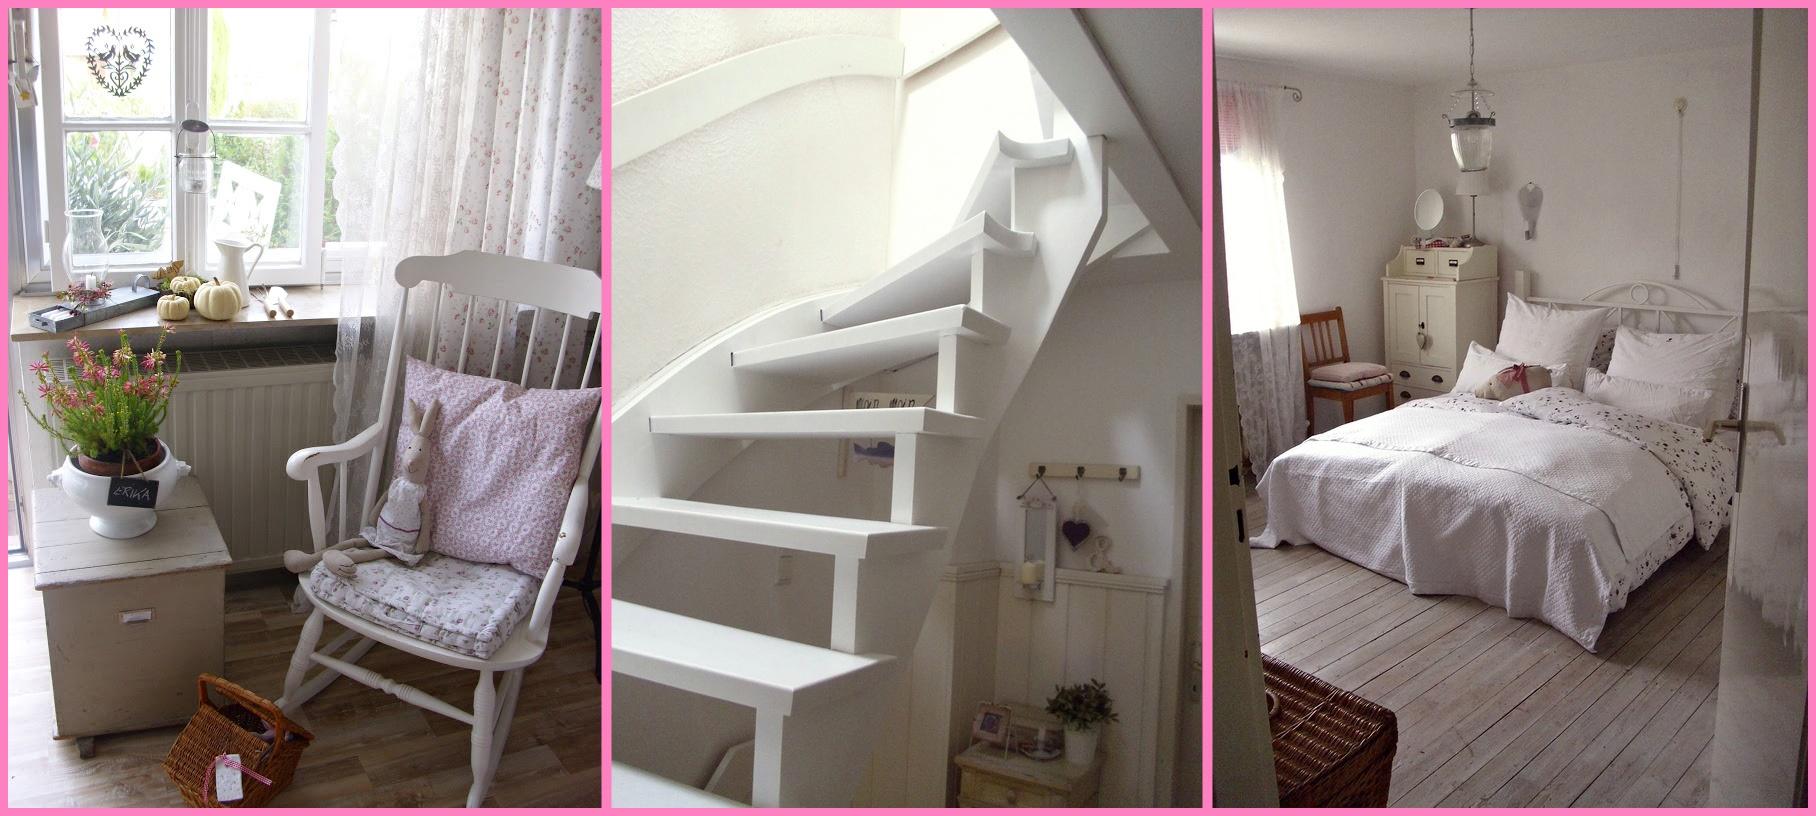 Casa shabby chic arredata con mobili ikea foto degli interni for Interni case country